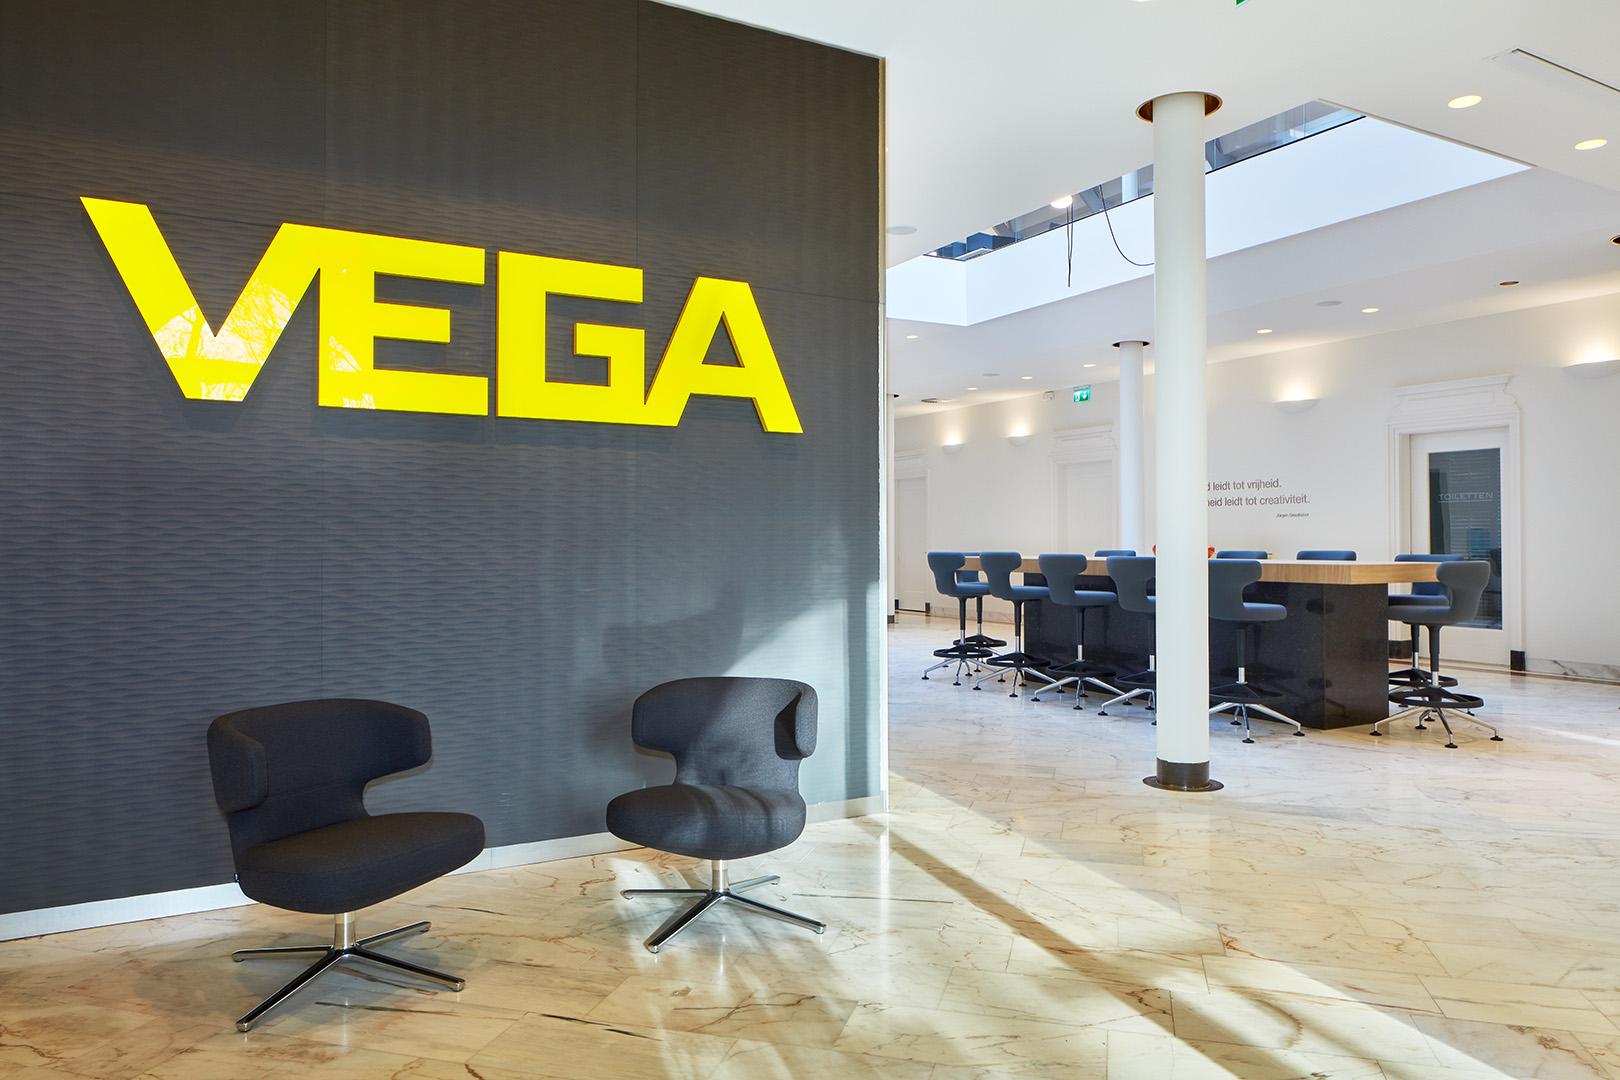 vitra_Vega_web_03